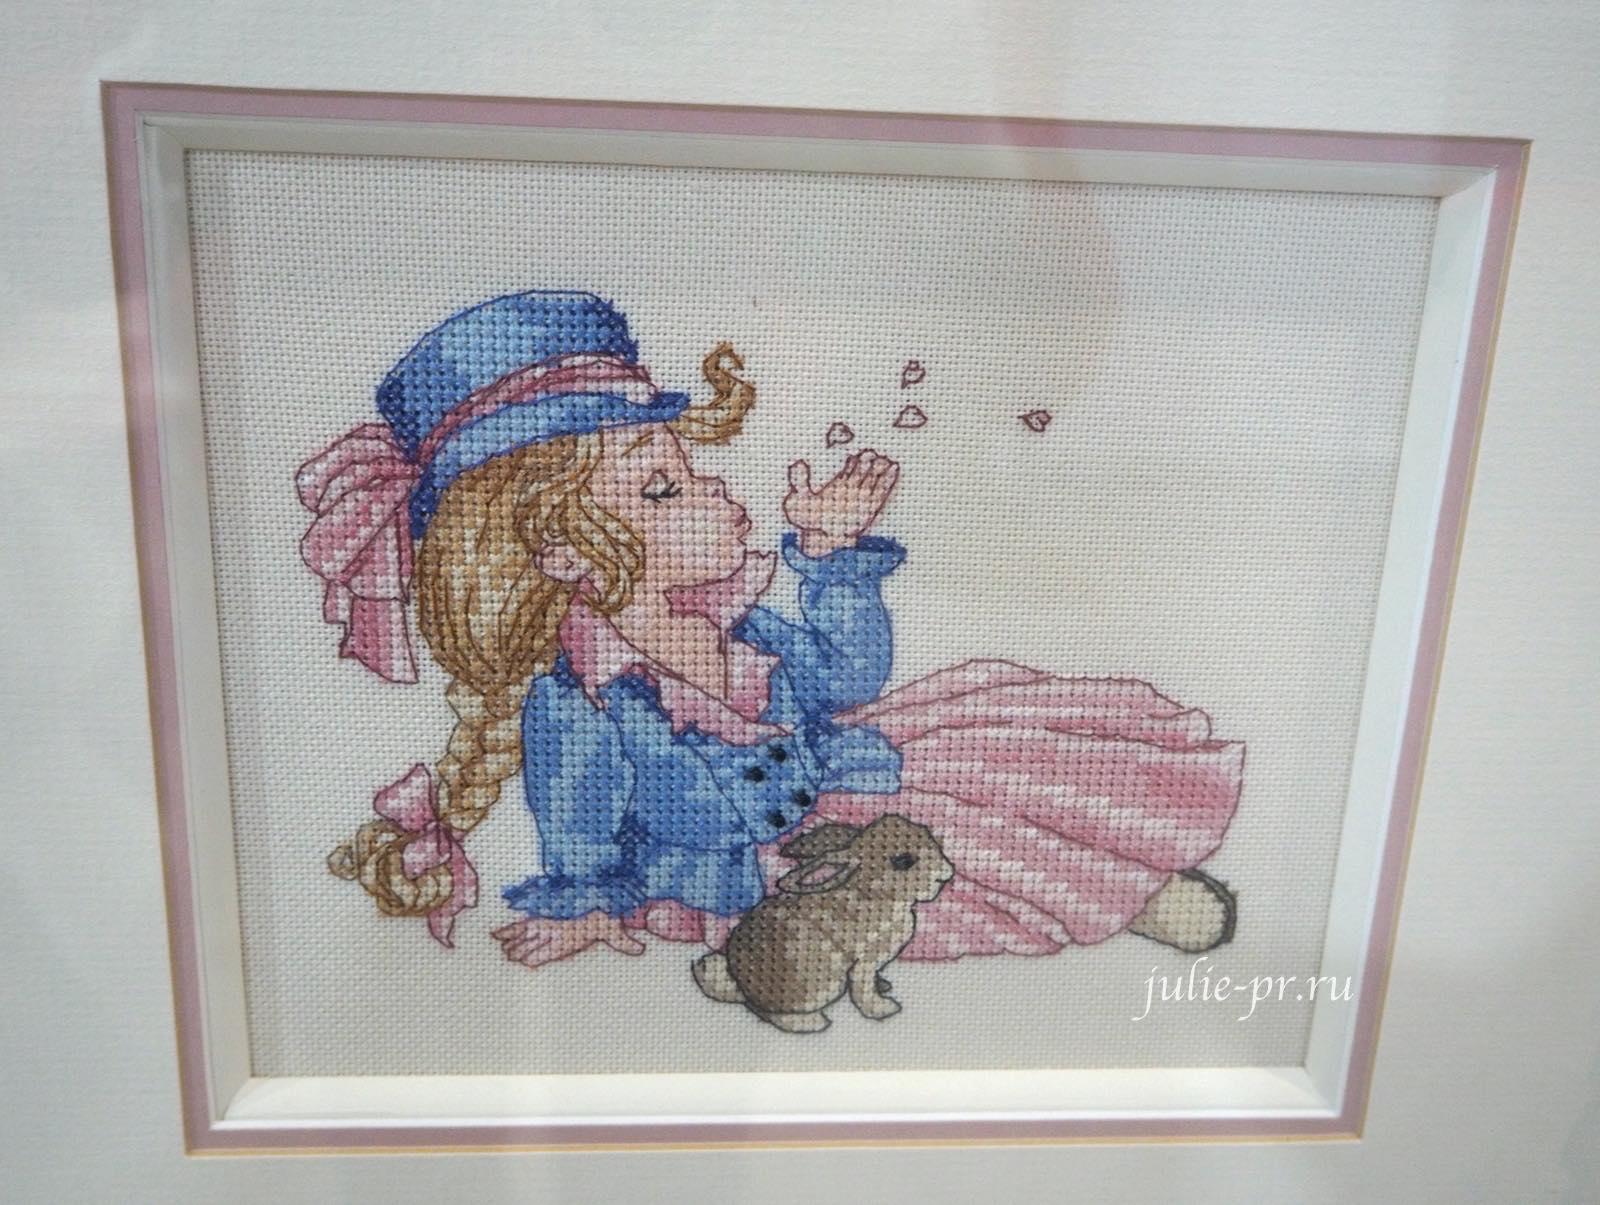 вышивка крестом, Nimue, Roz, девочка с кроликом